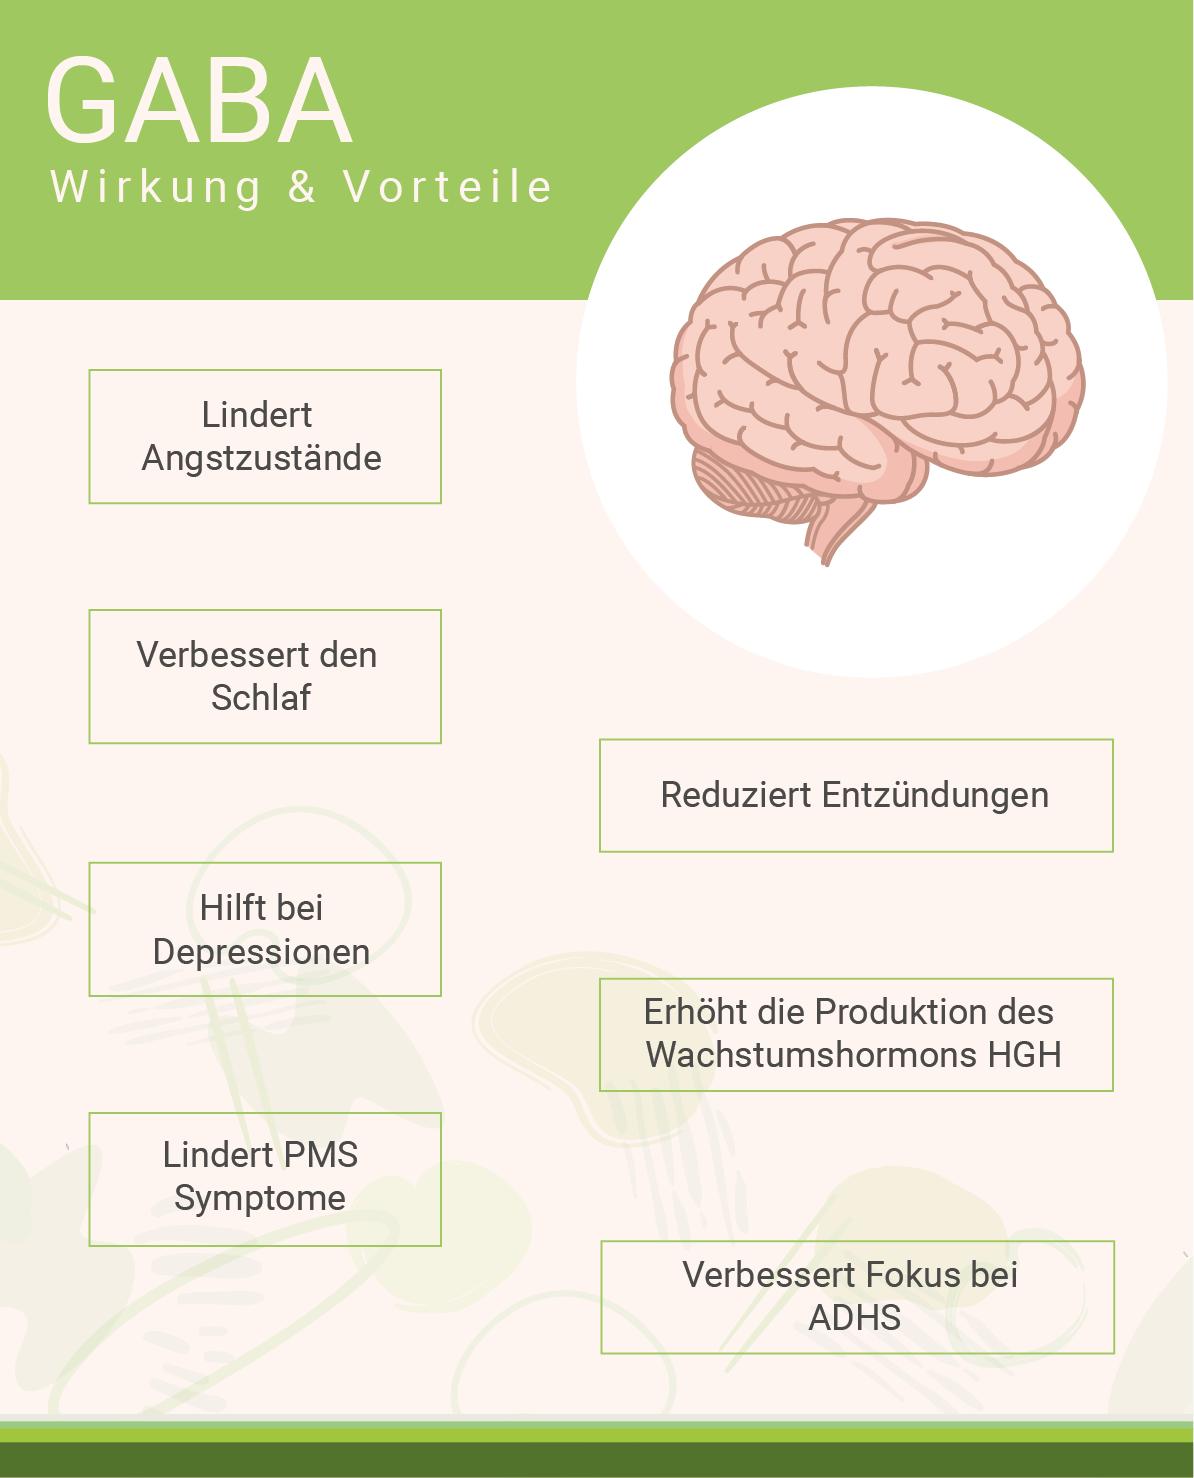 infografik-gamma-aminobuttersaeure-wirkung-und-vorteile